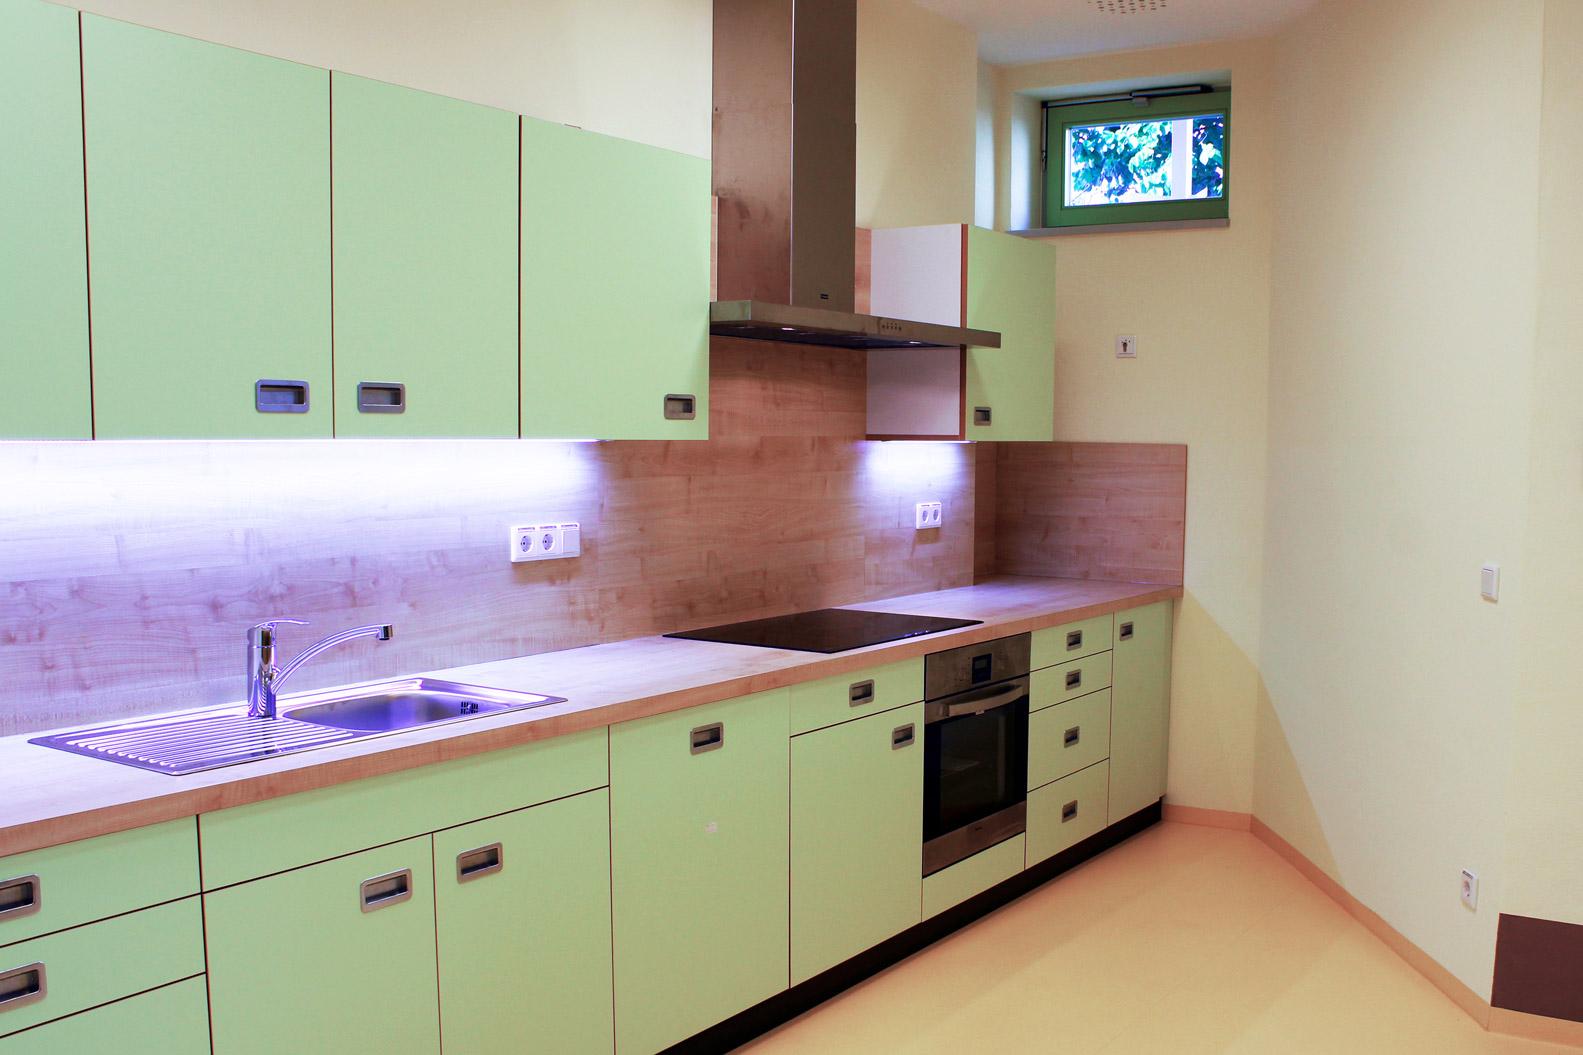 Einbauküche vom Tischlermeister für Kita